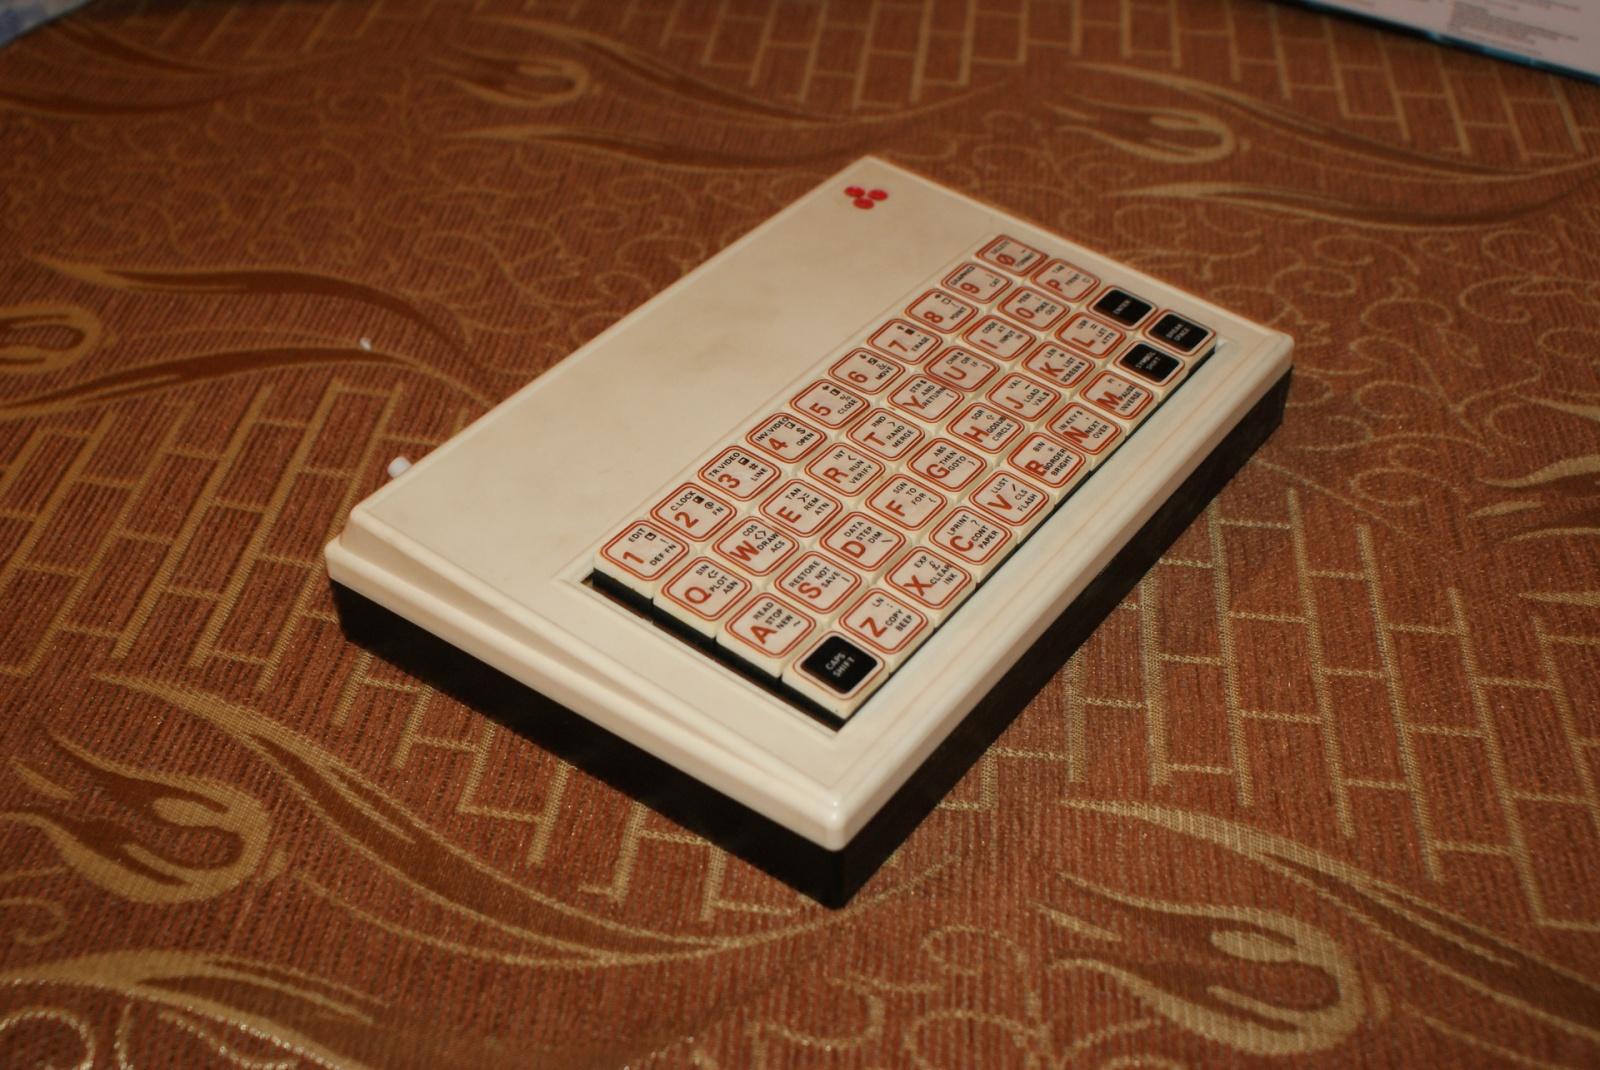 Советский клон ZX-Spectrum или… - 4